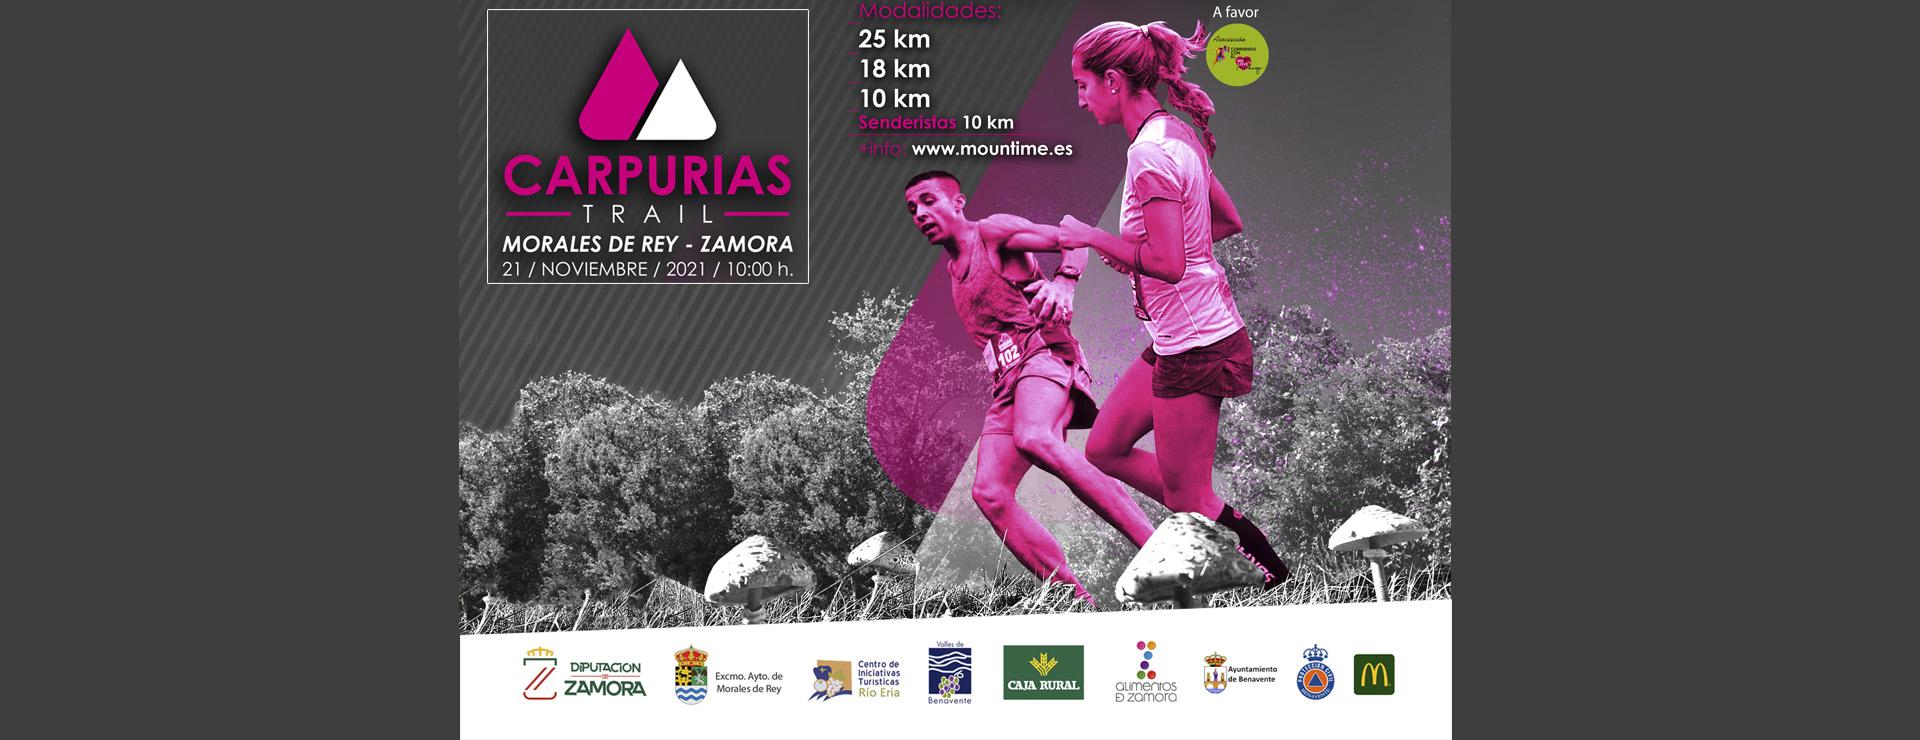 Trail Carpurias 2021 - Mountime.es